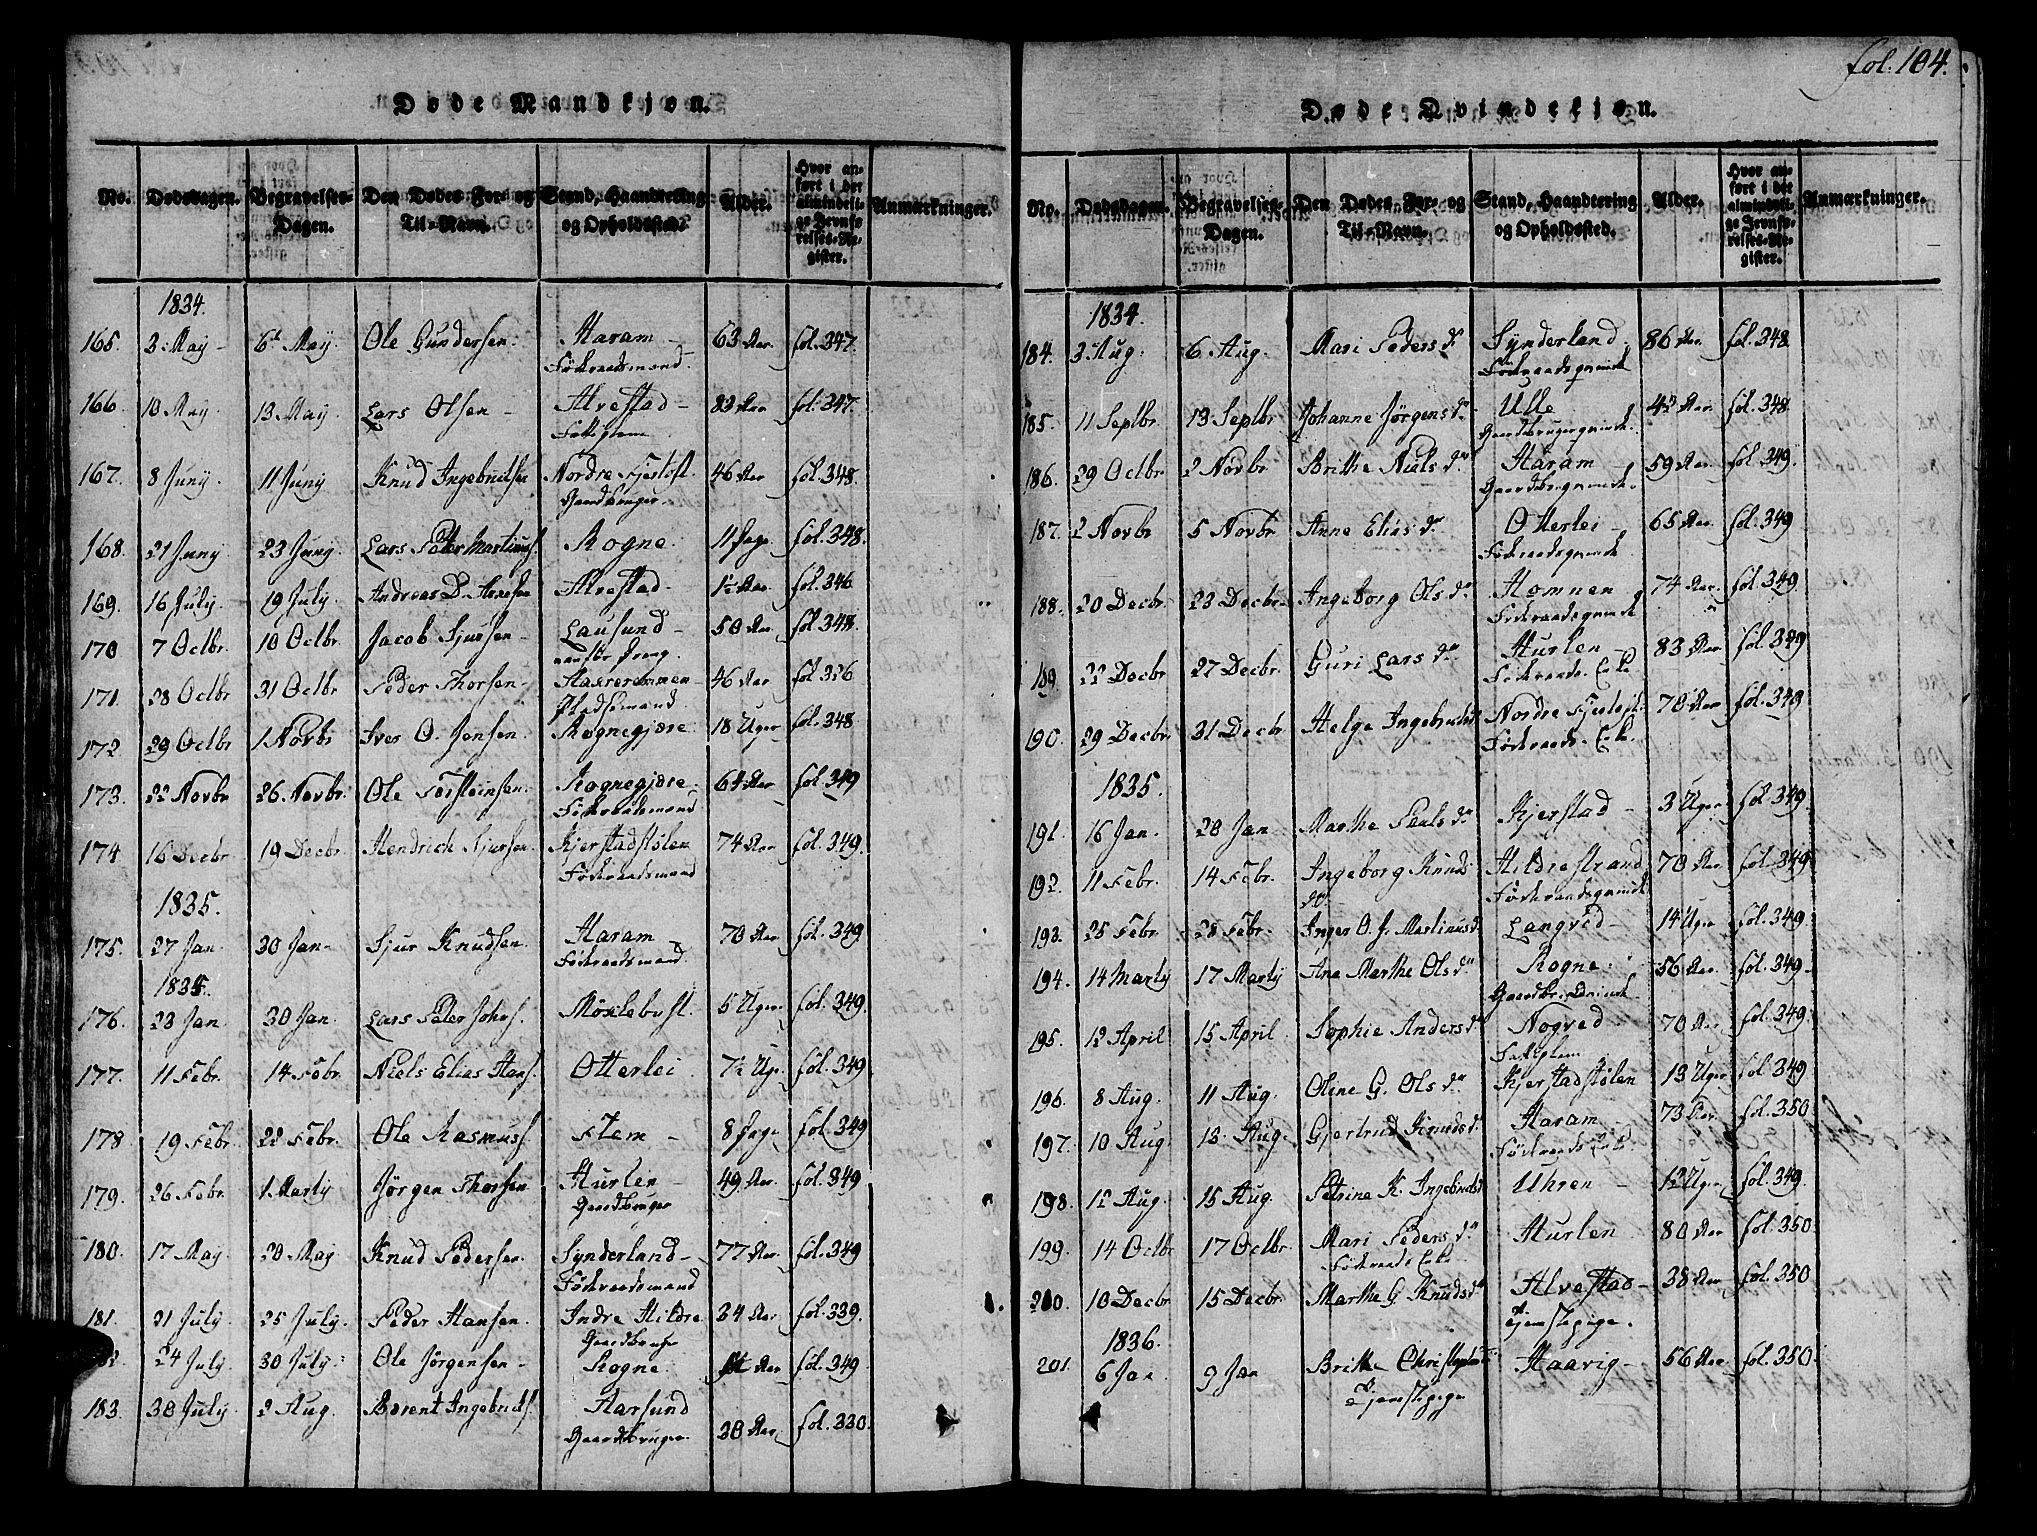 SAT, Ministerialprotokoller, klokkerbøker og fødselsregistre - Møre og Romsdal, 536/L0495: Ministerialbok nr. 536A04, 1818-1847, s. 104